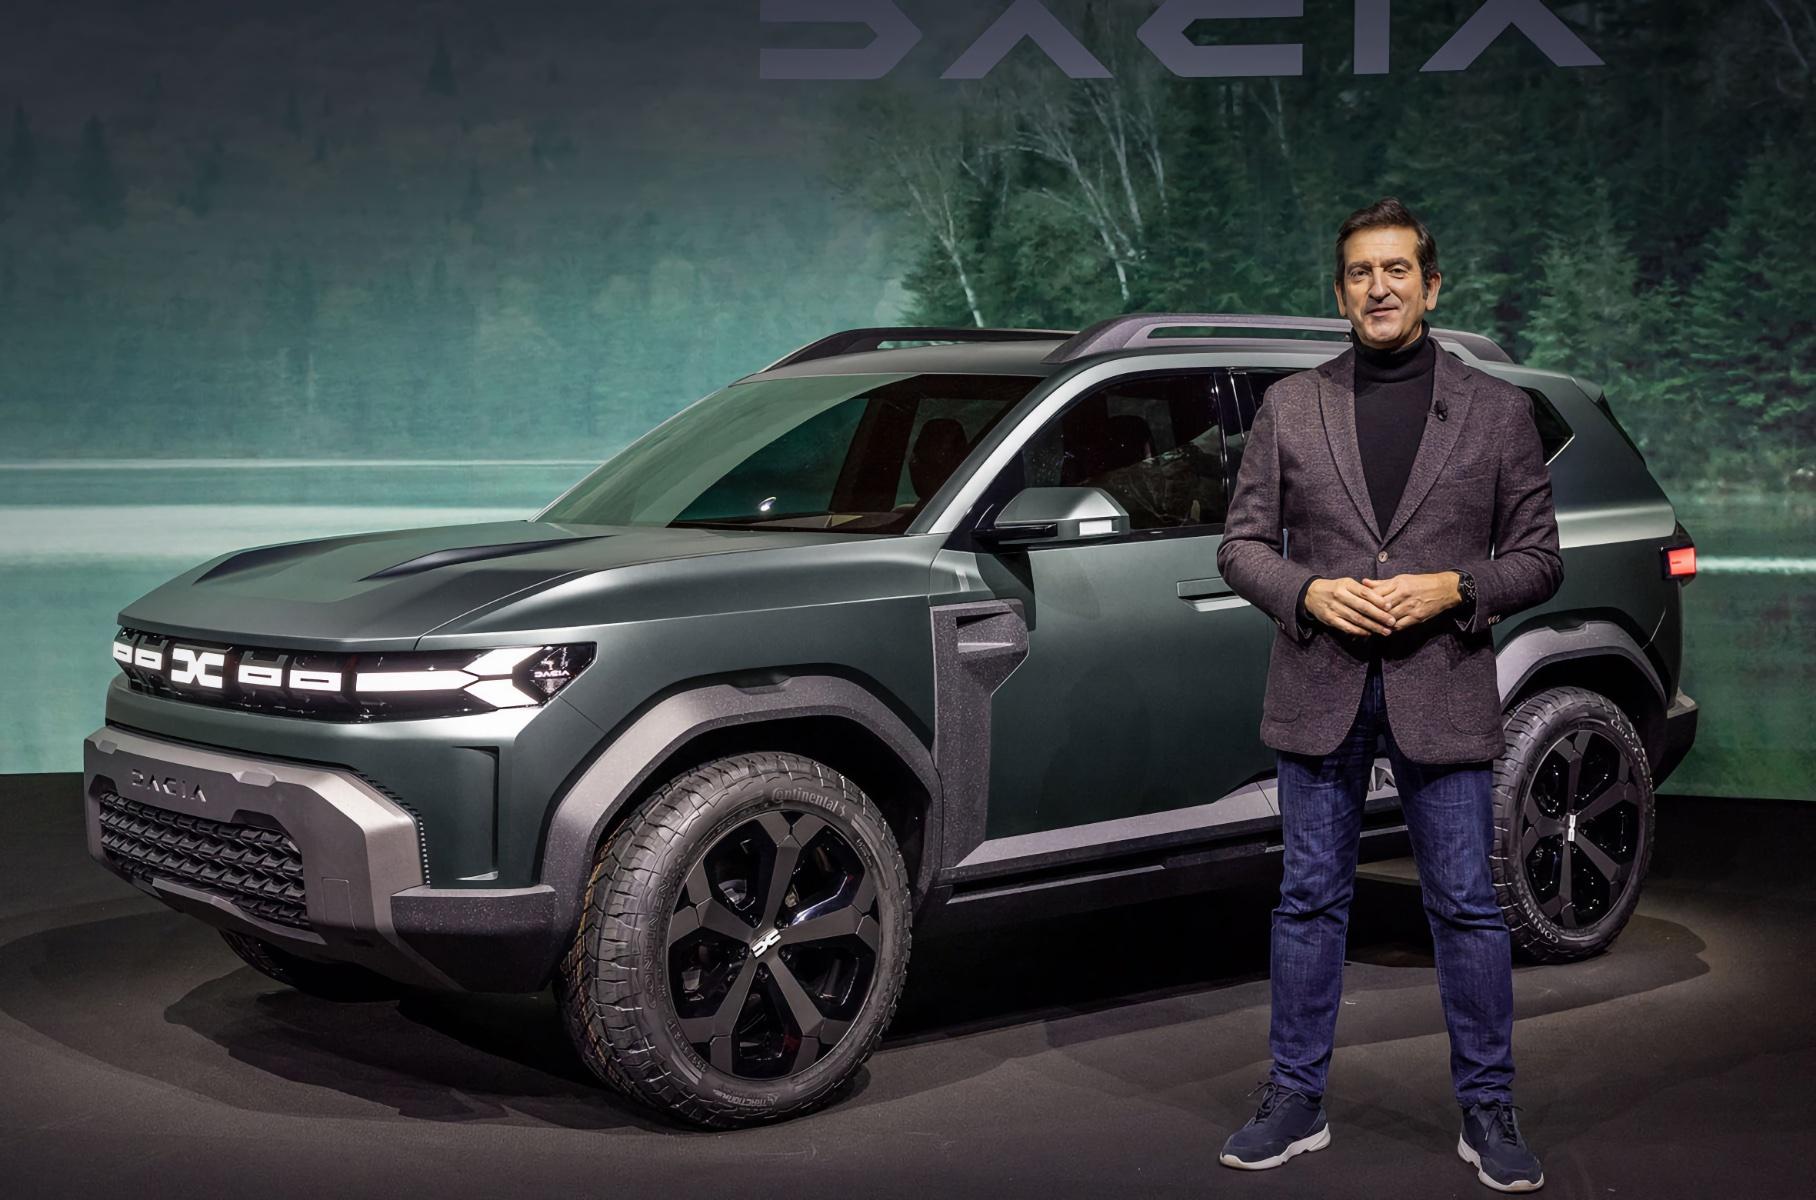 За внешность новых Lada будет отвечать экс-дизайнер Seat